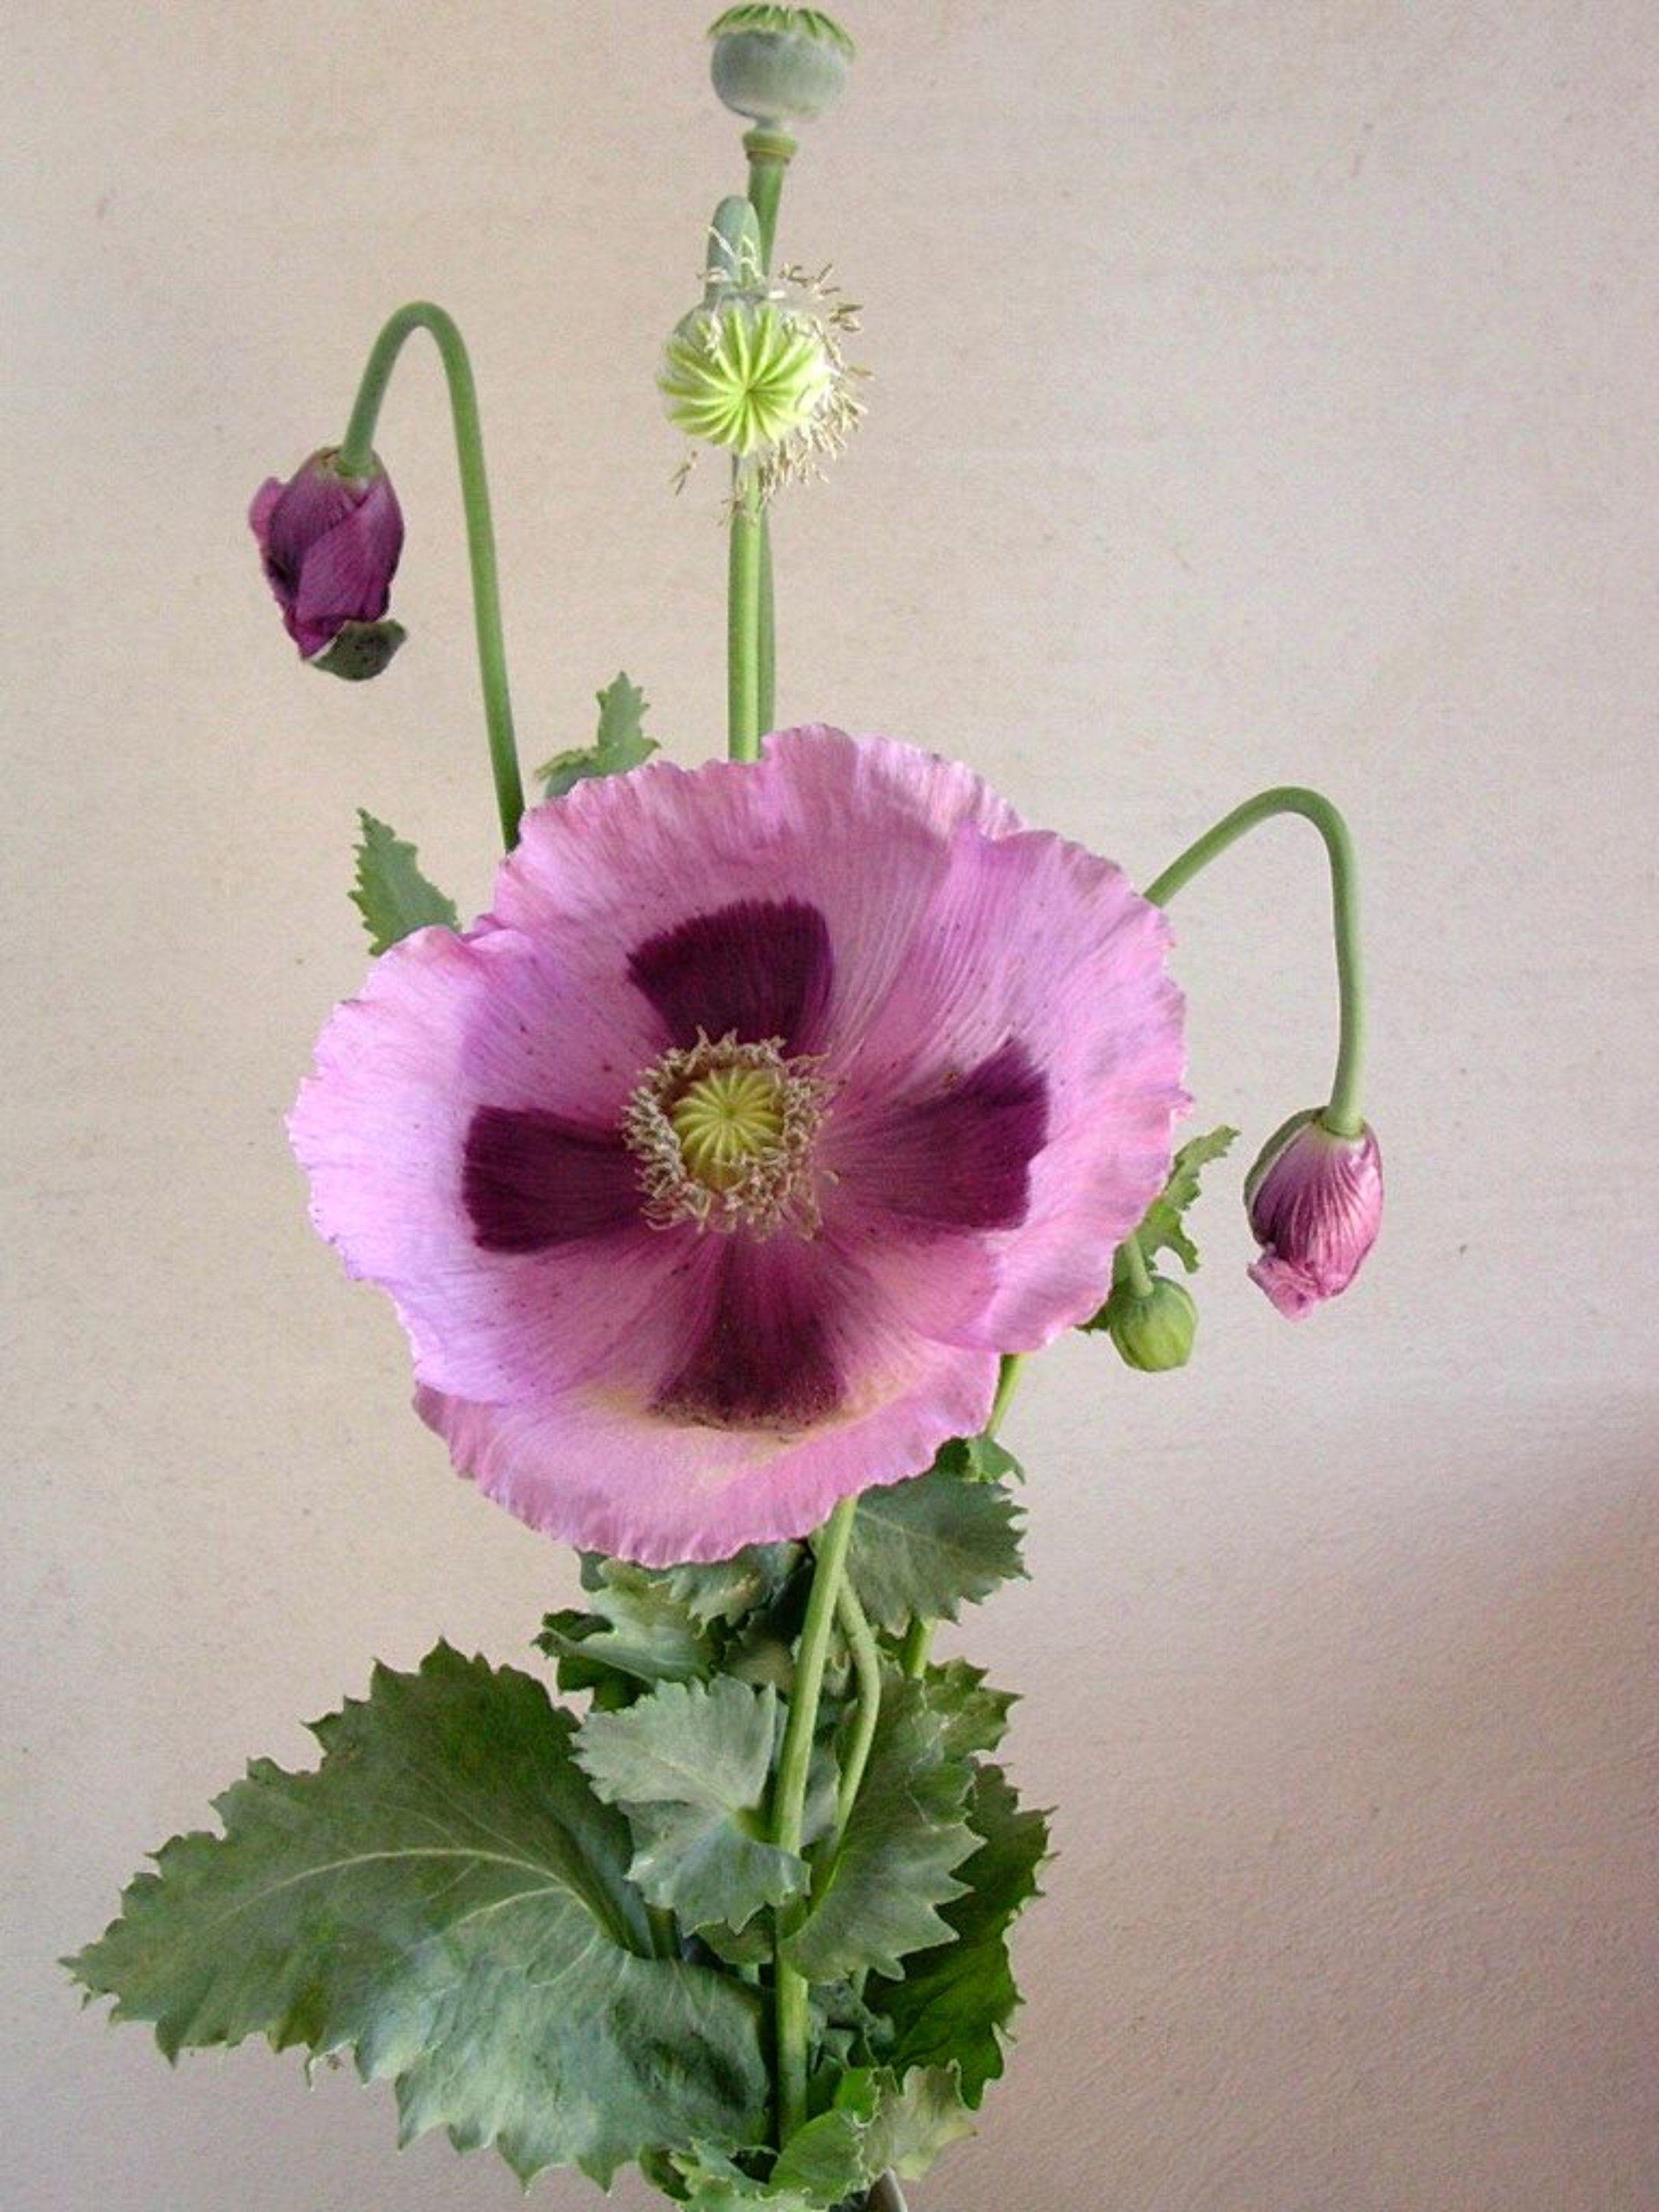 Lila Mohnblume Aufgebluht Mohnblume Blumen Mohn